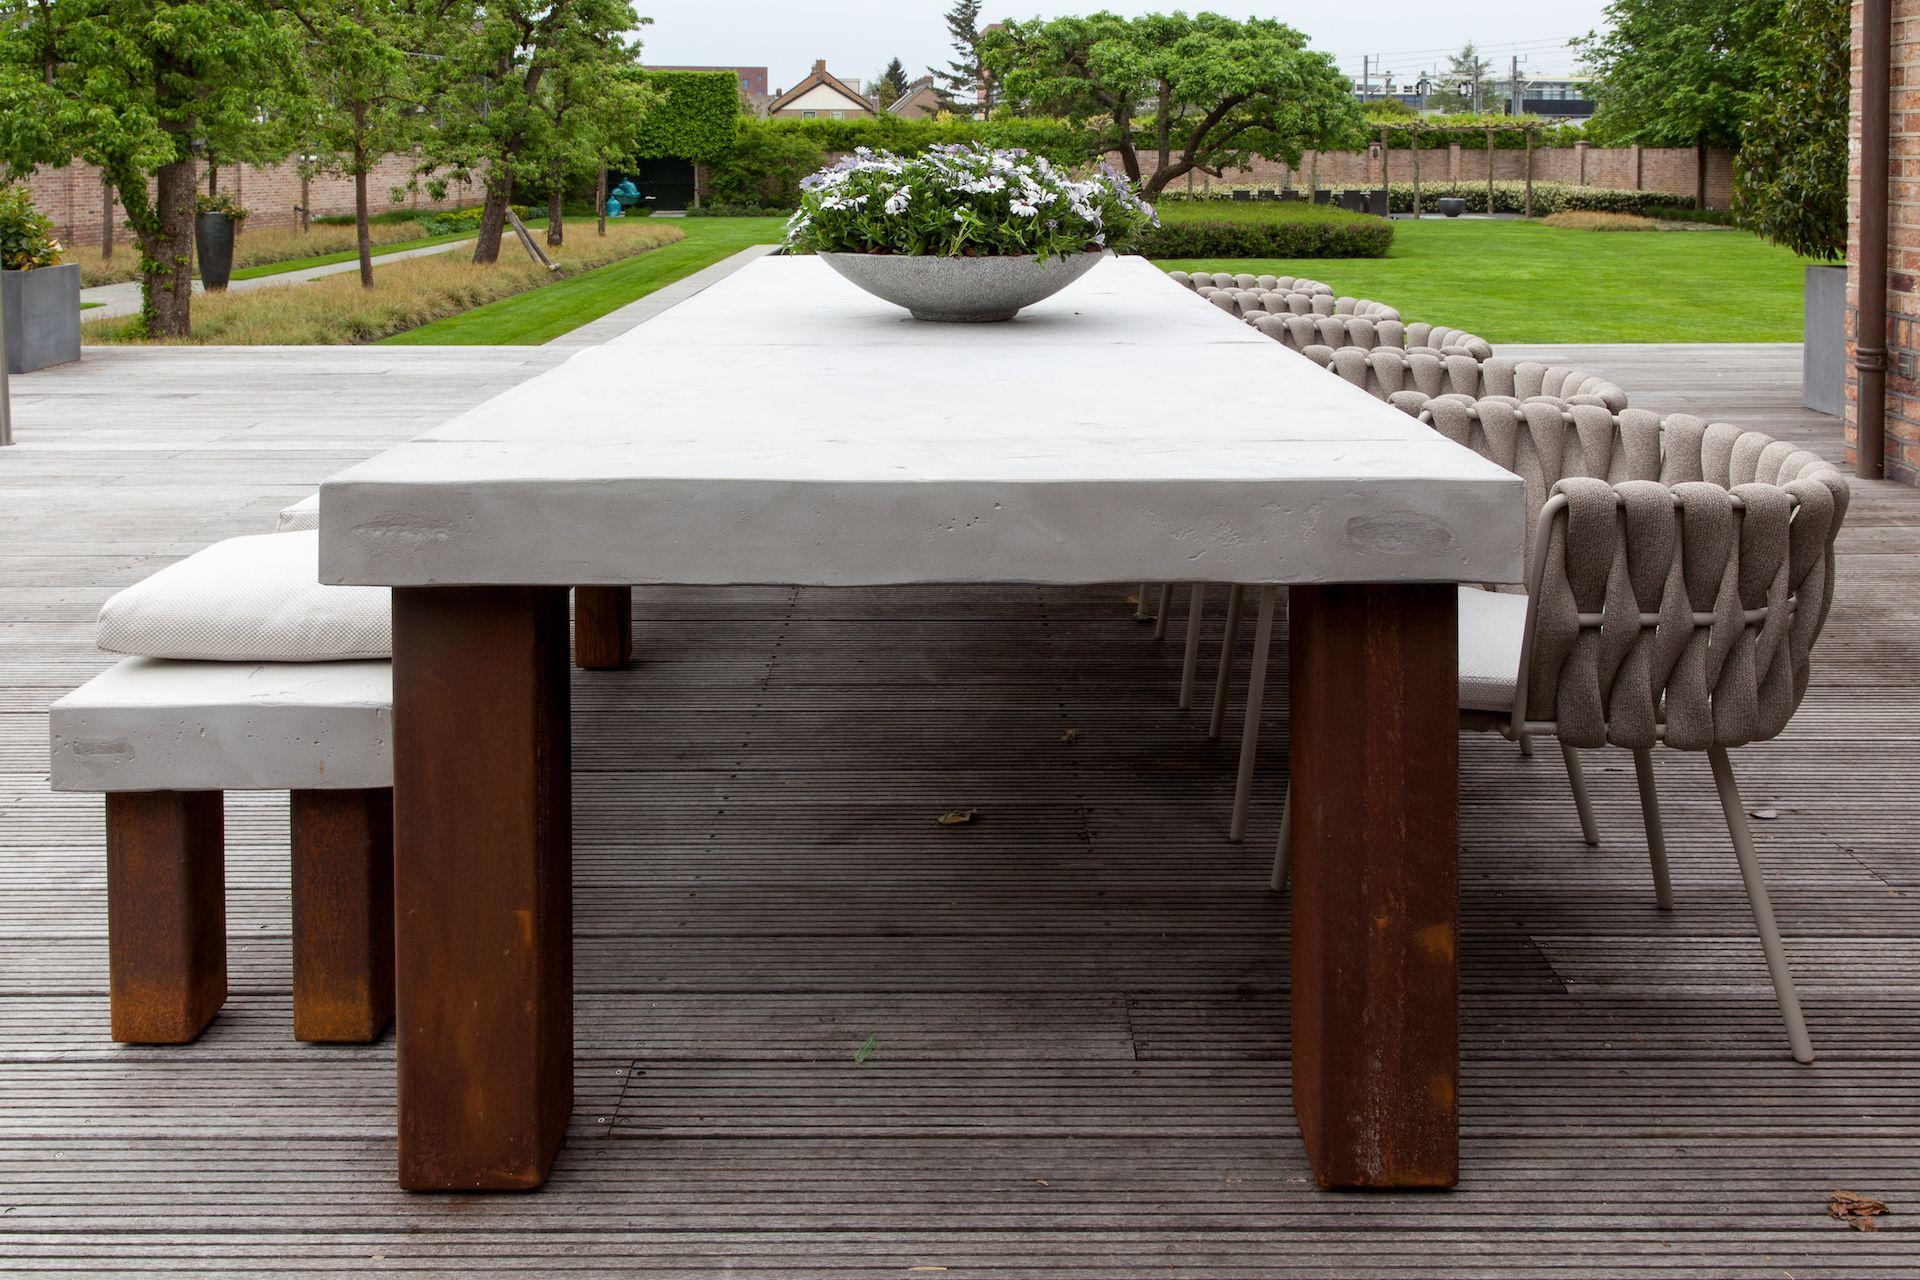 Beton Tafel Buiten : Industriële tuintafel met een tafelblad van beton en de poten van